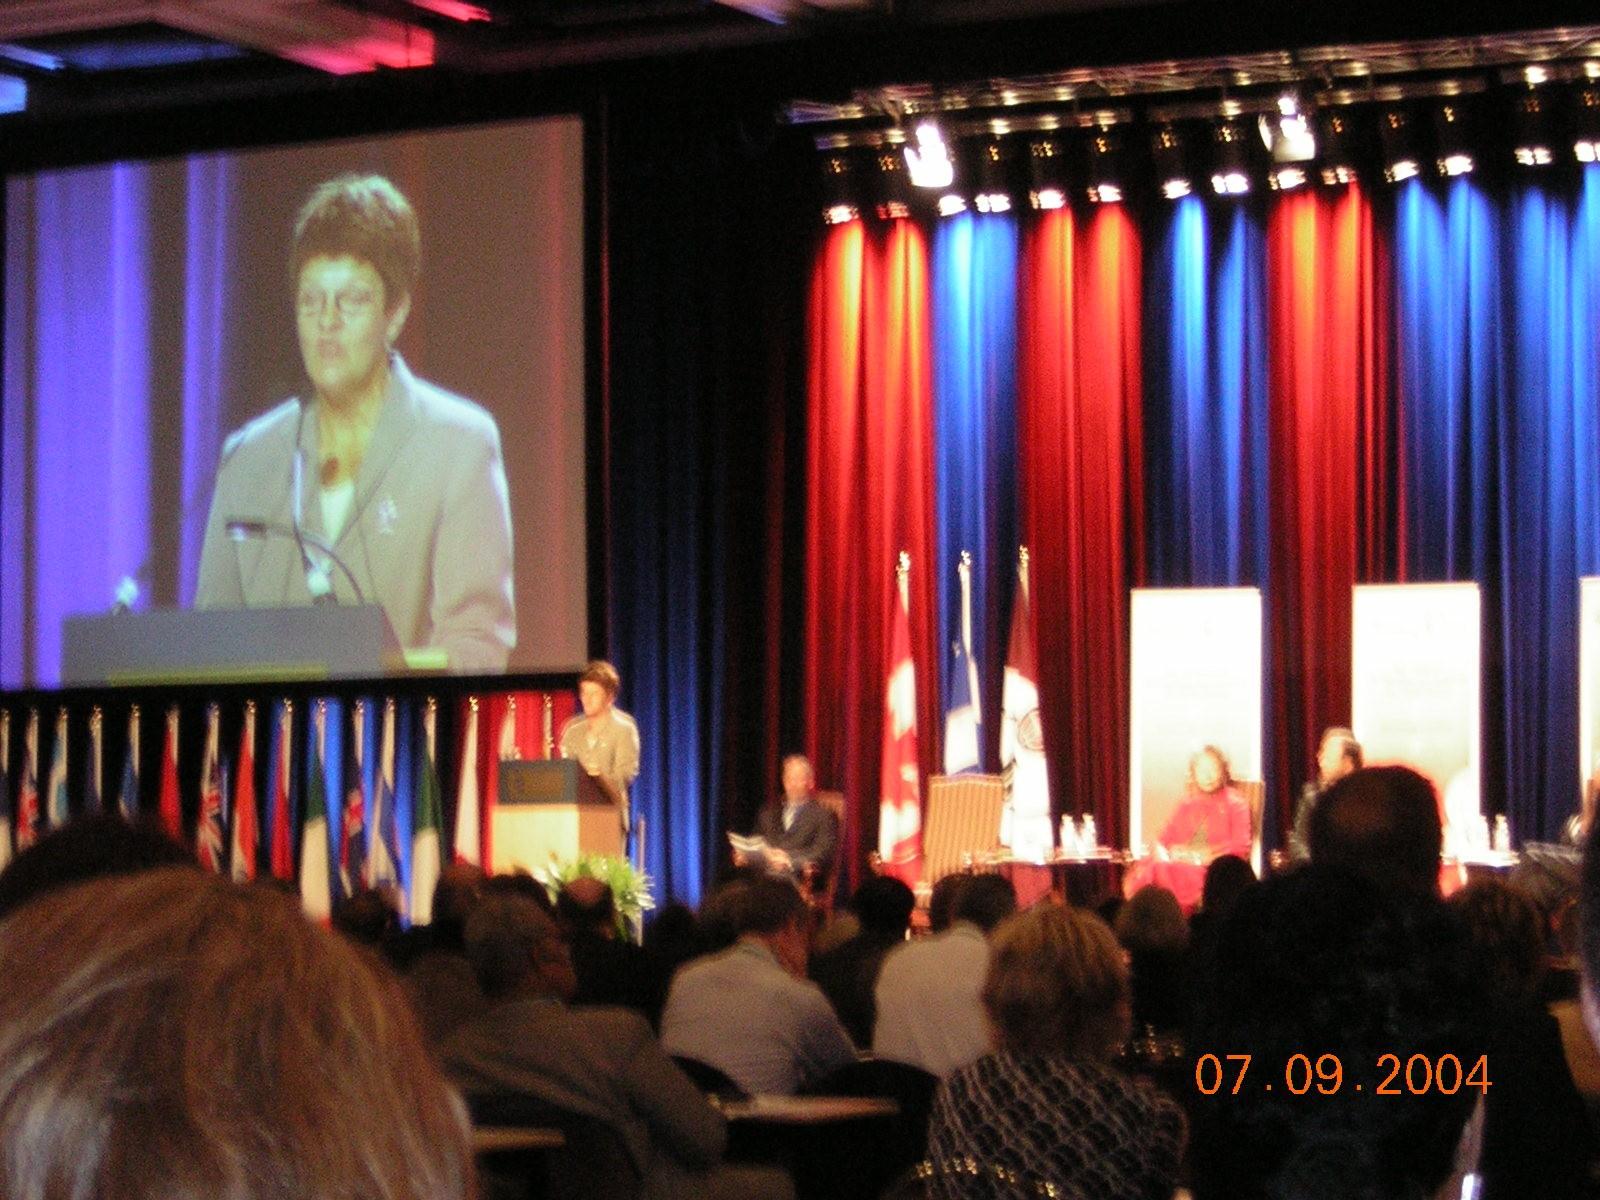 El síndic participa en el VIII Congrés de l'Institut Internacional de l'Ombudsman